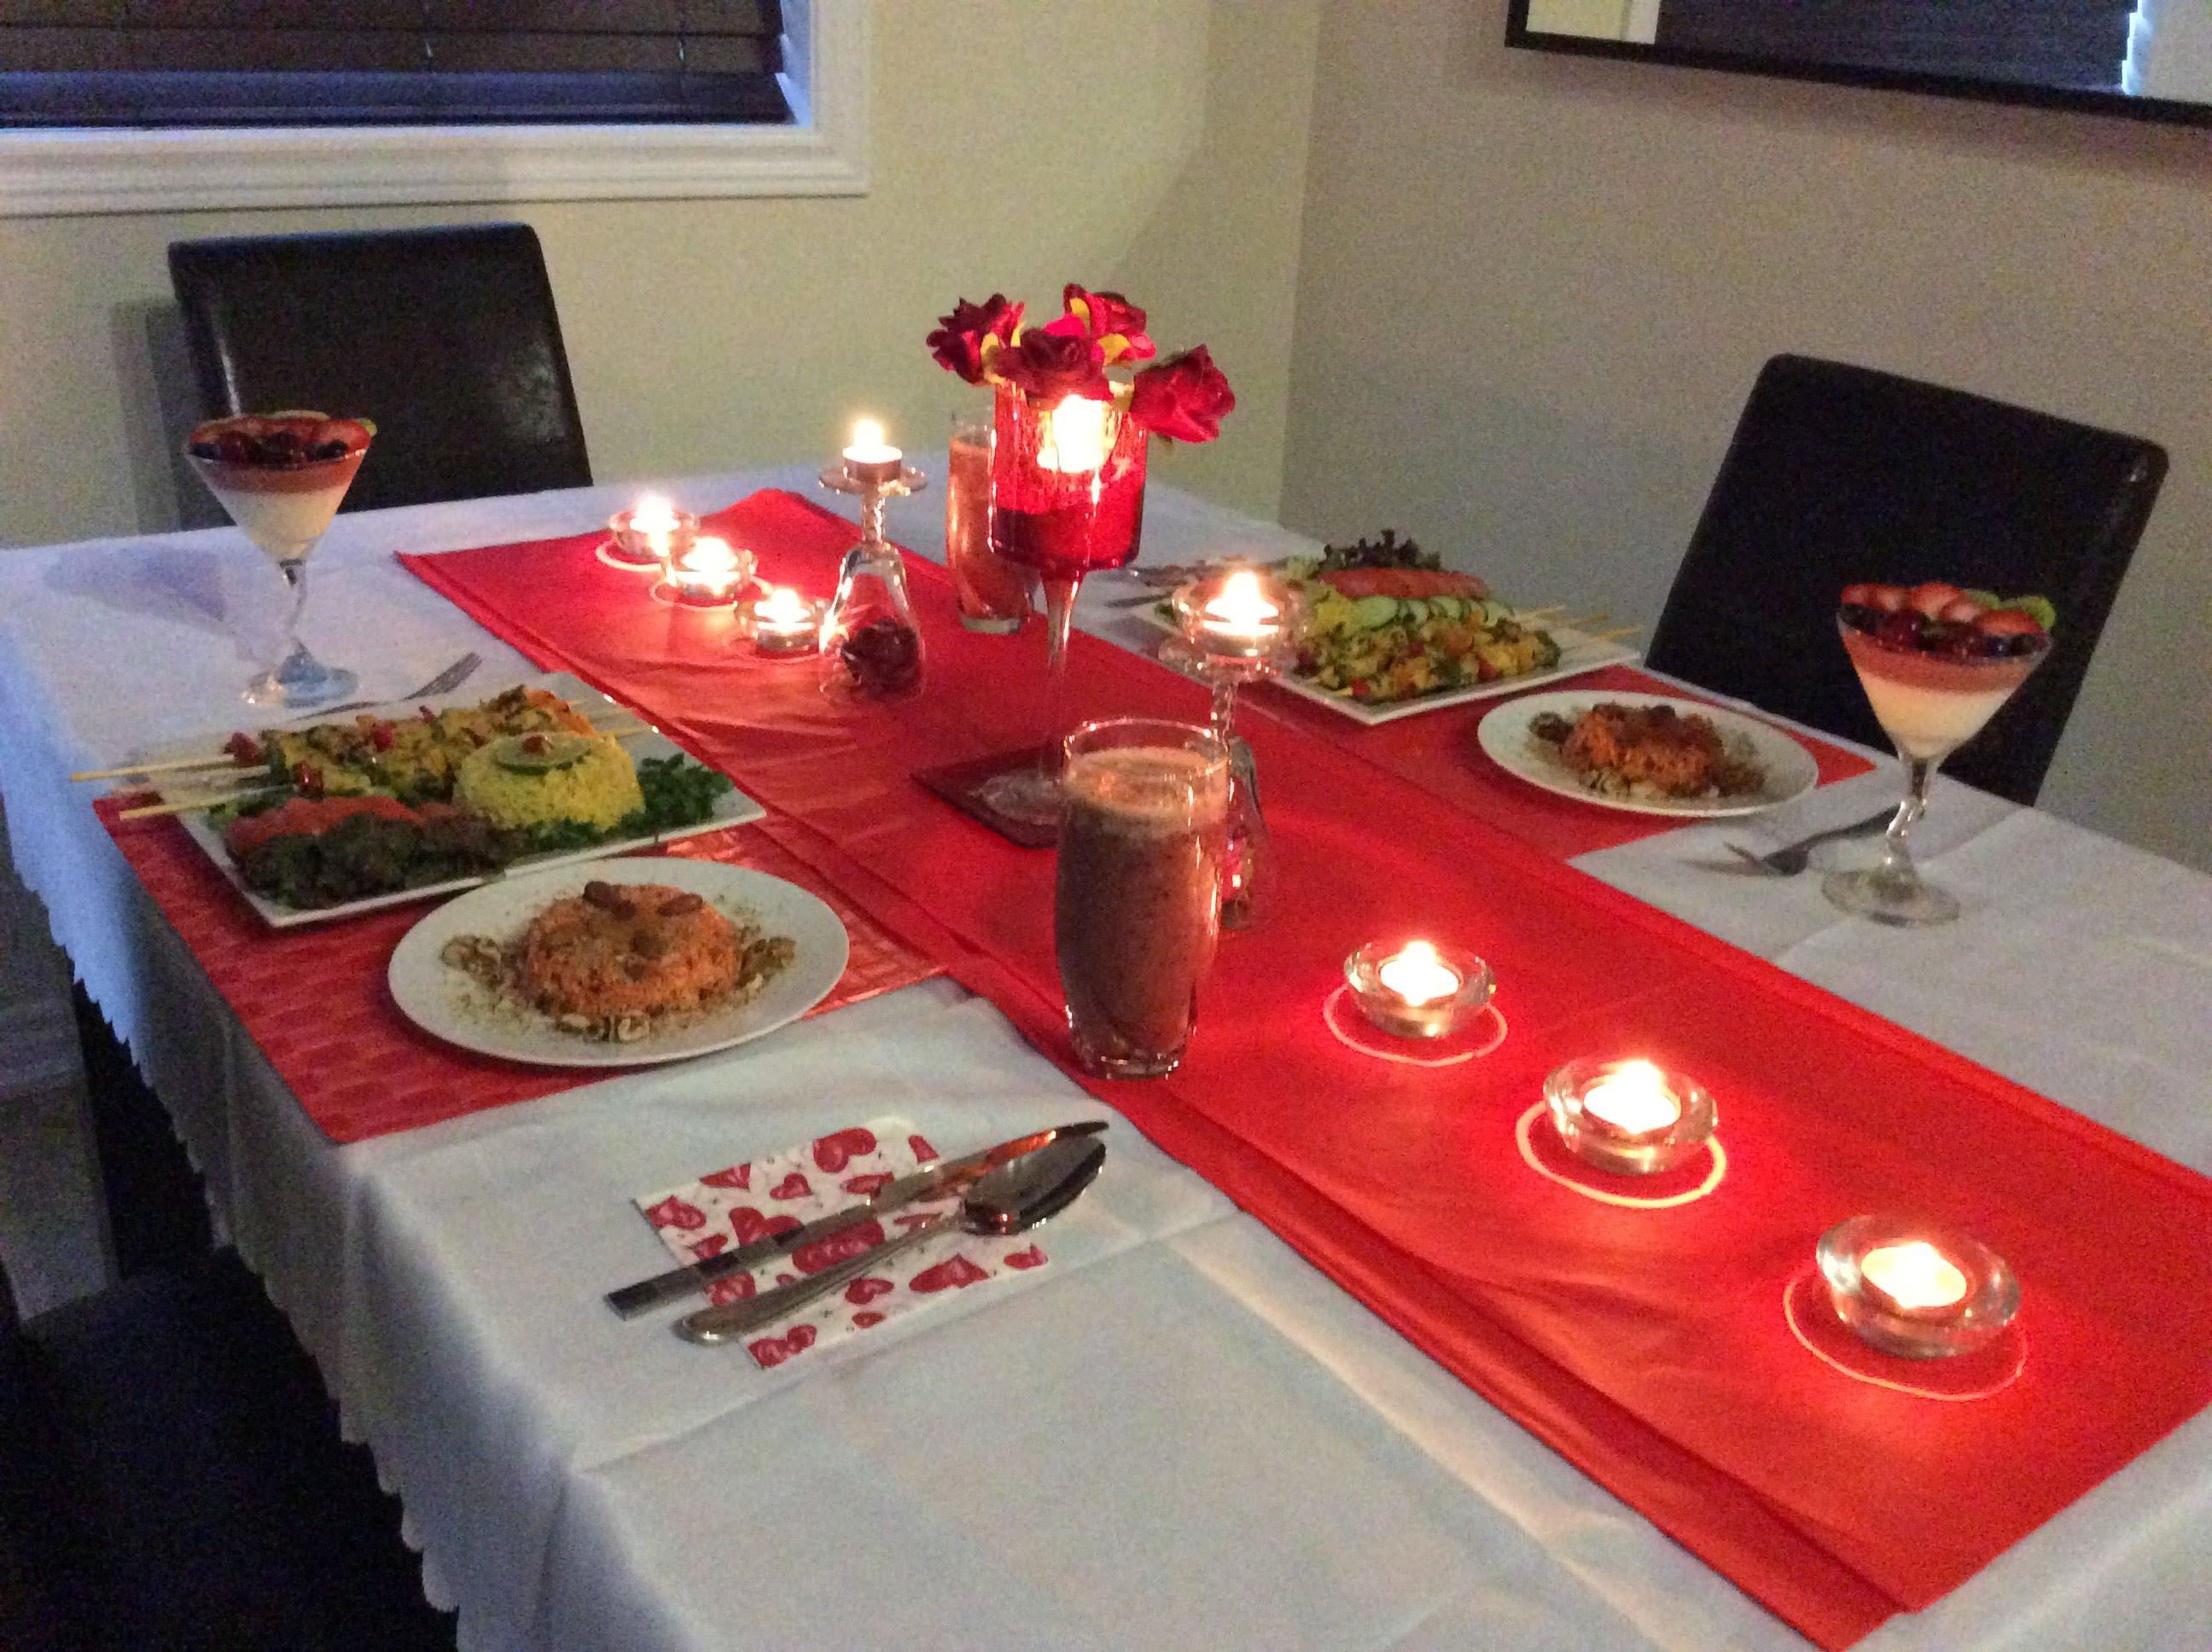 بالصور عشاء رومانسي , وجبات ليلية رومانتيكية ساحرة 1389 8